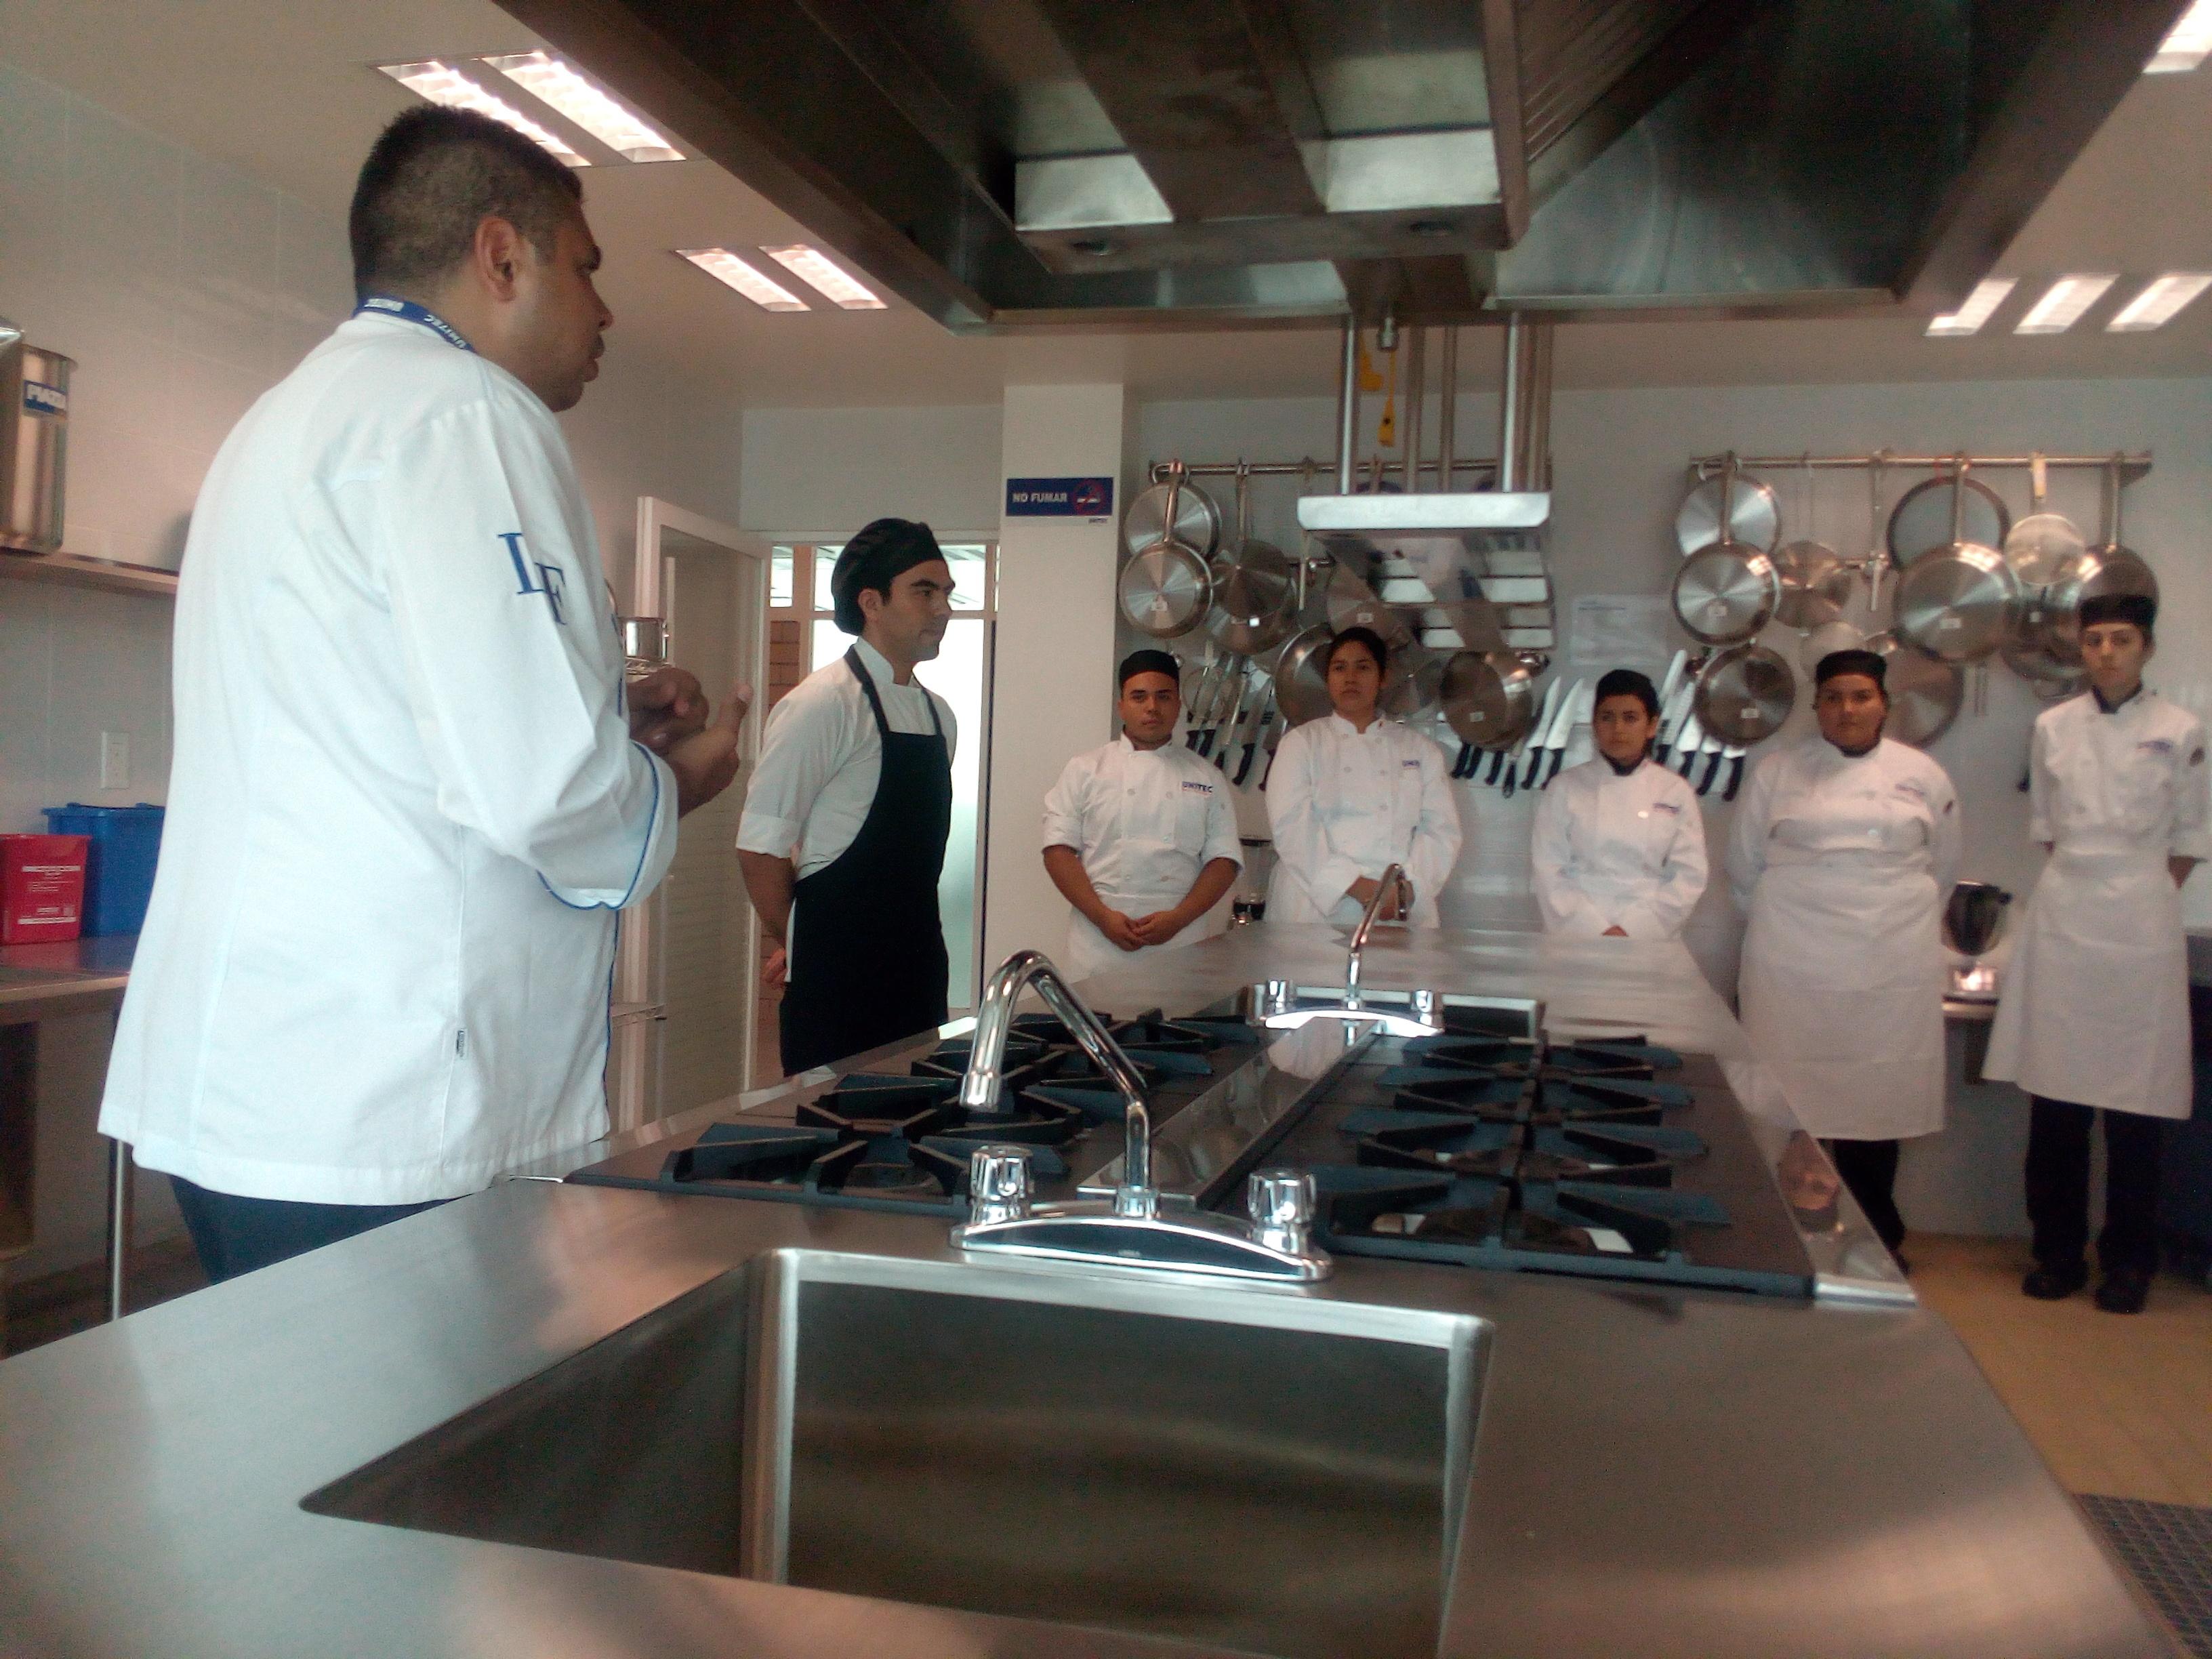 gastronomia-unitec-guadalajara-arranca-con-pie-derecho-1-1.jpg